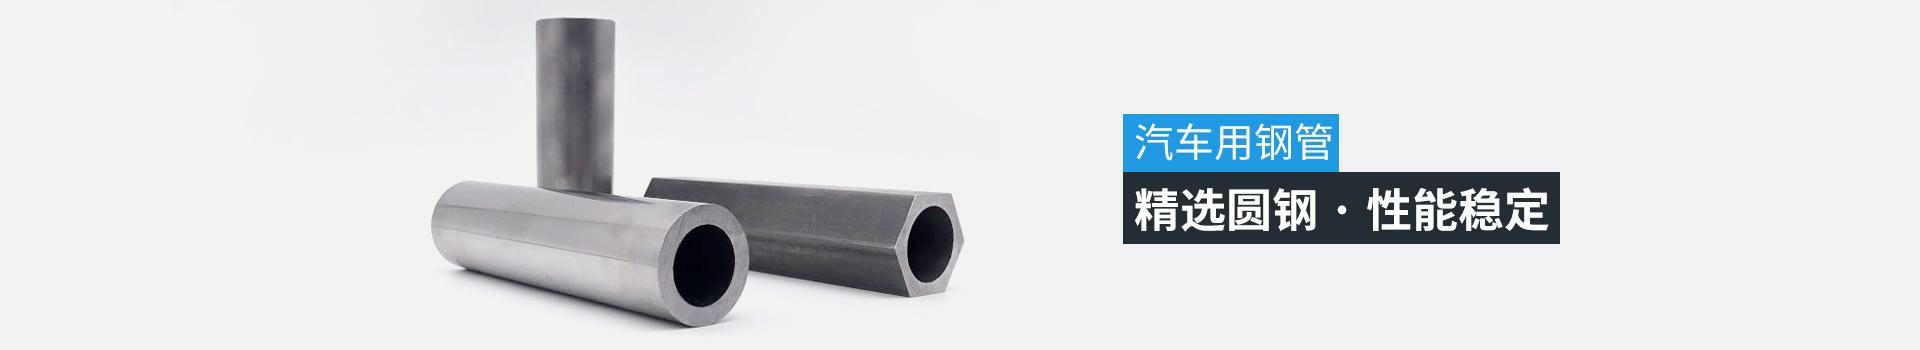 天展汽车用钢管-耐腐蚀·坚固耐用